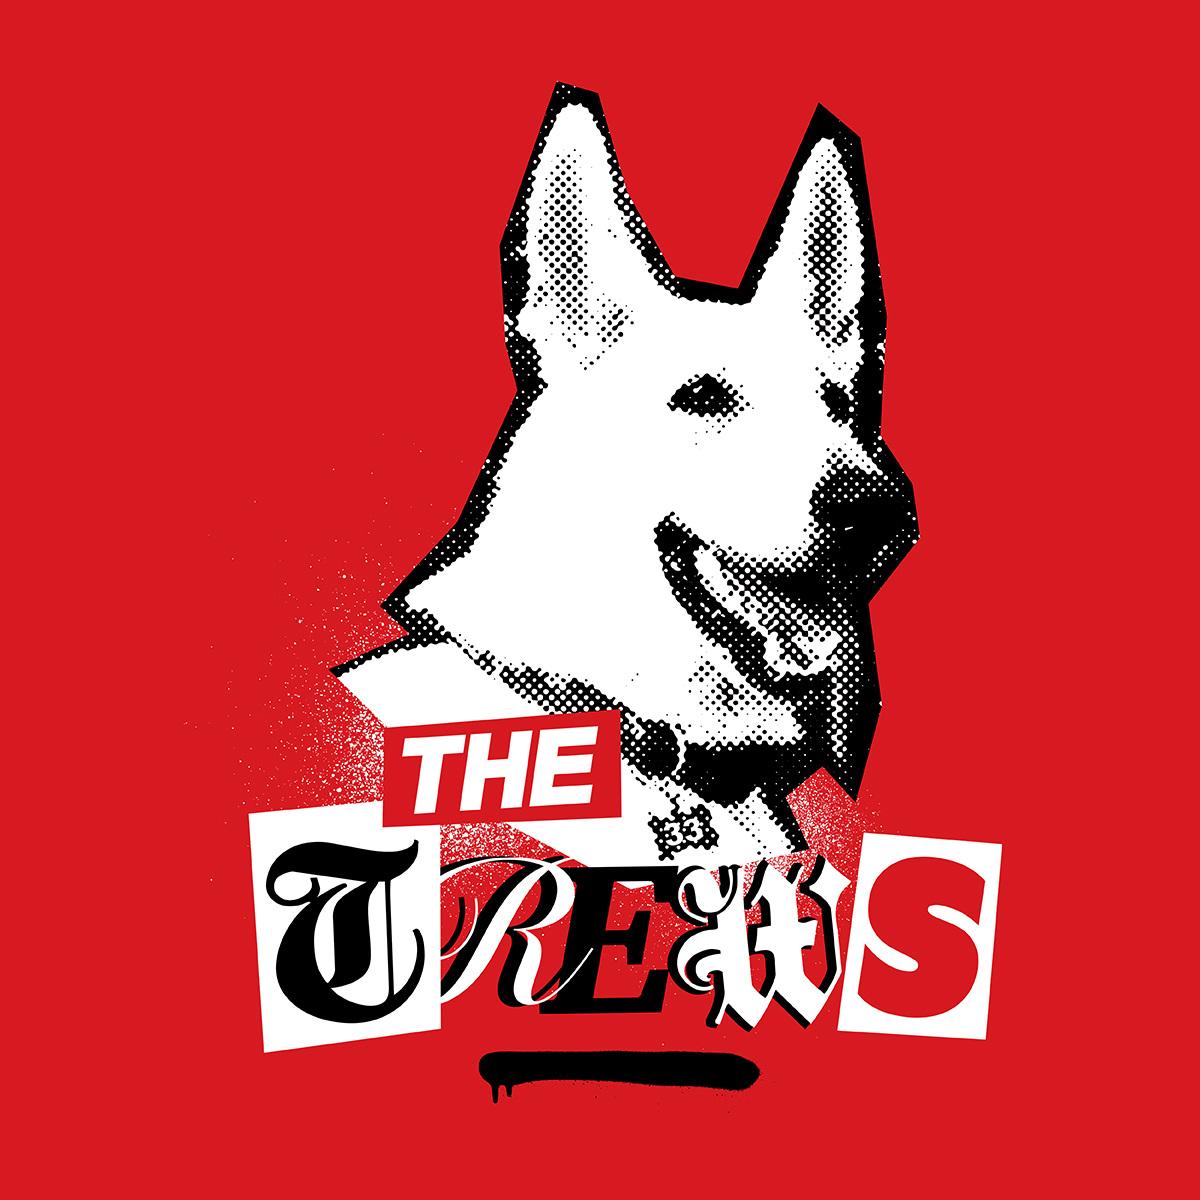 The Trews logo